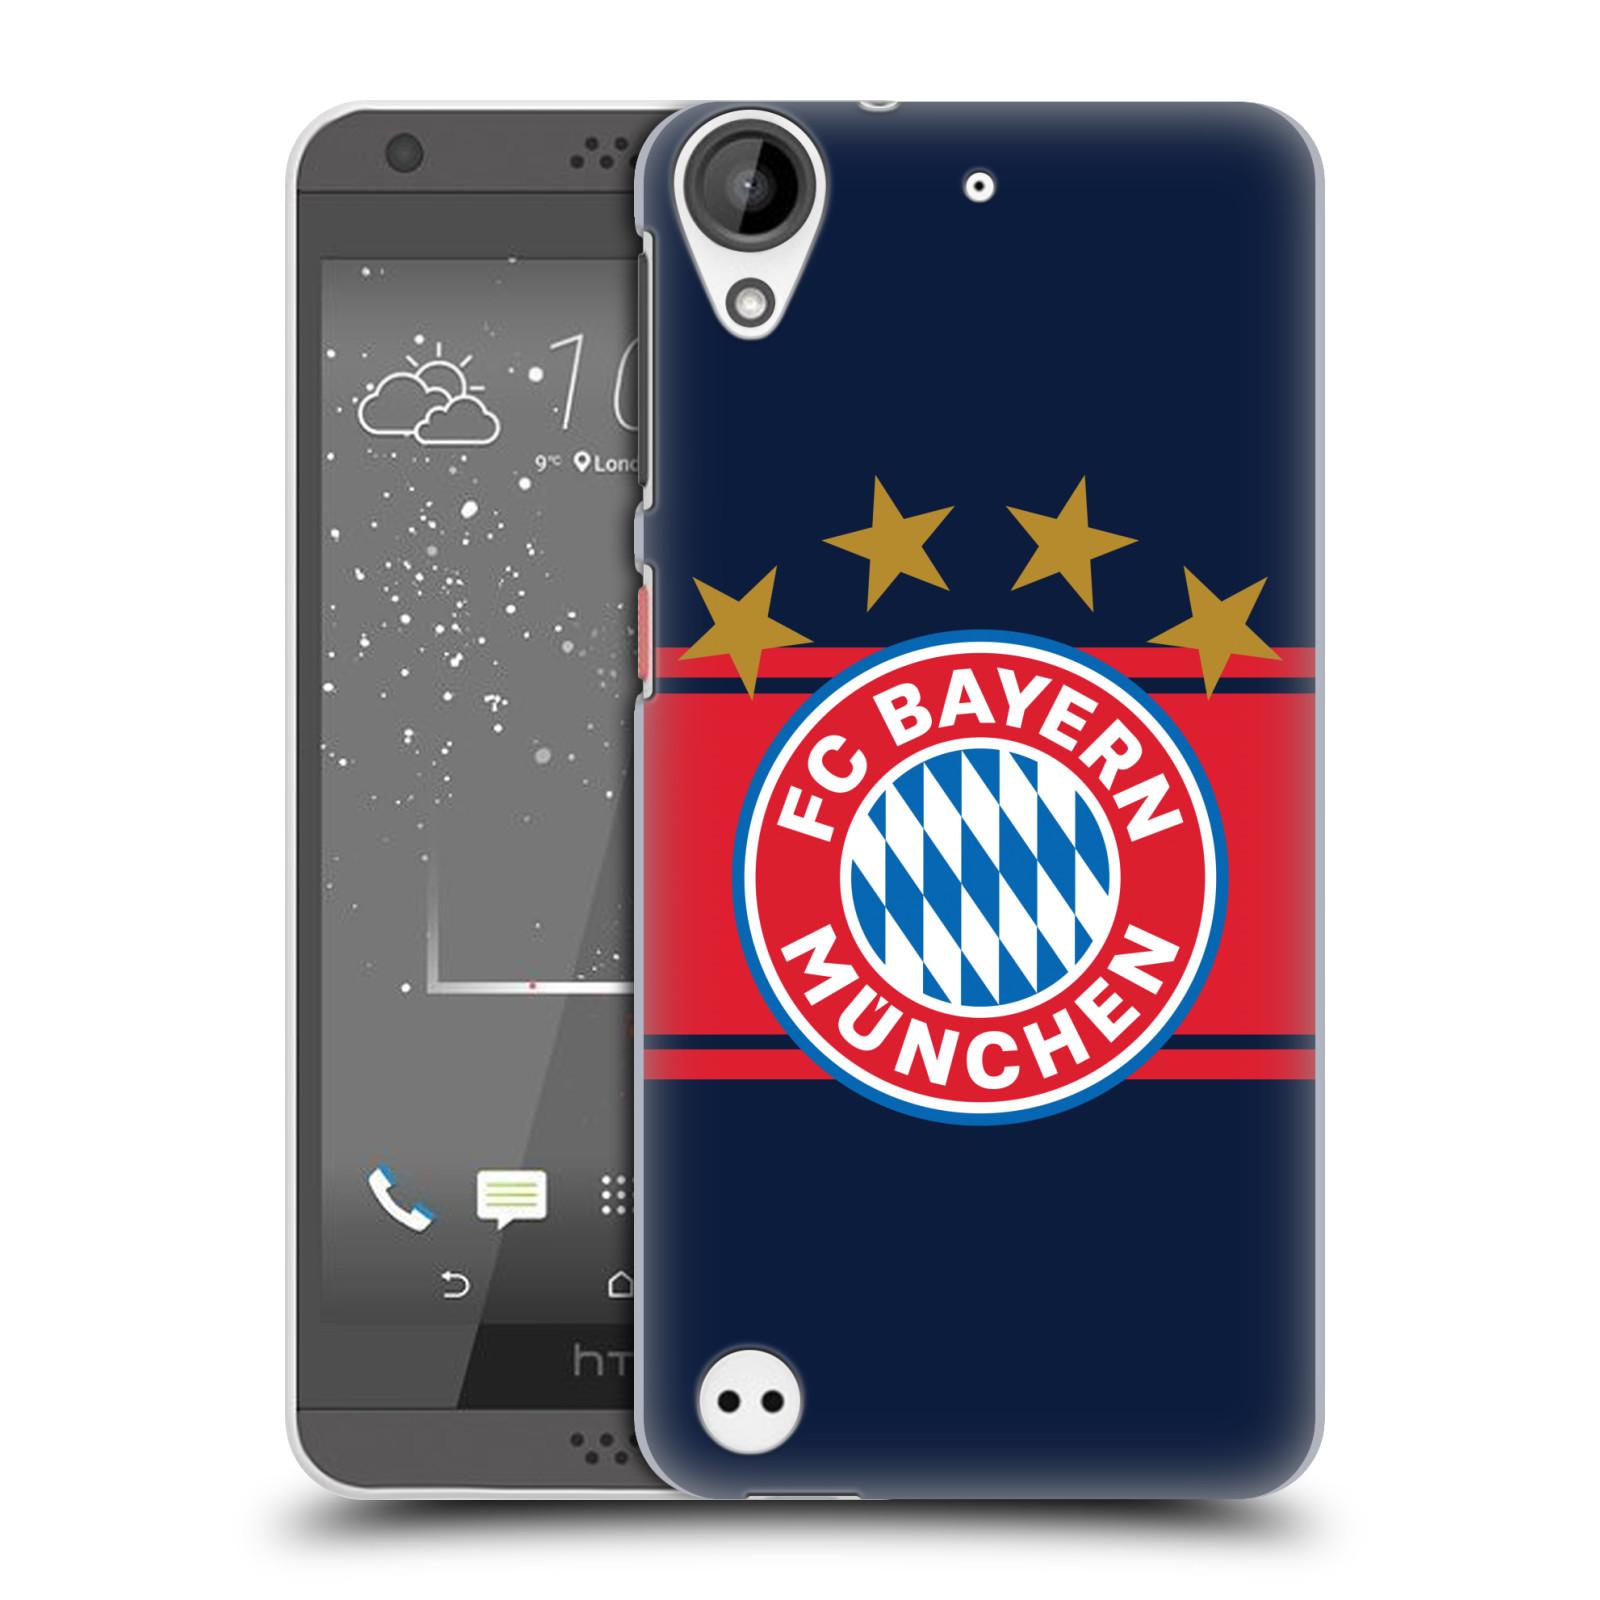 Plastové pouzdro na mobil HTC Desire 530 - Head Case - FC Bayern Mnichov - Venkovní dres